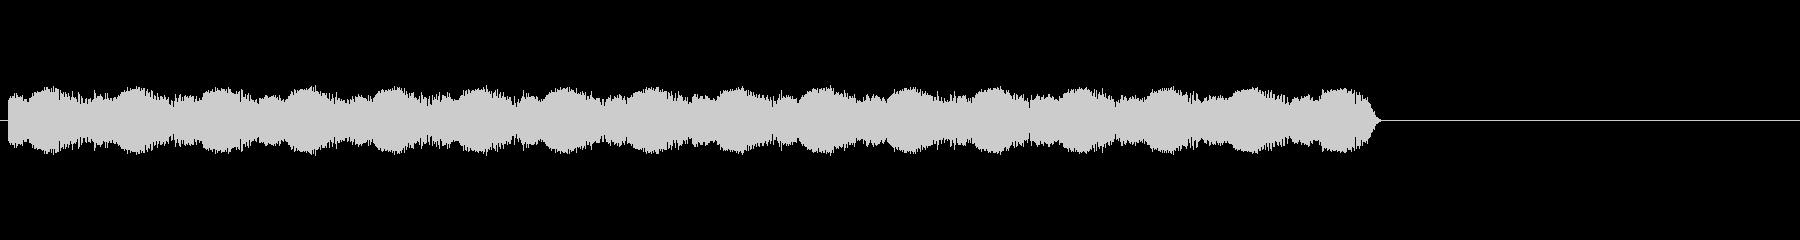 強化レーザー3の未再生の波形